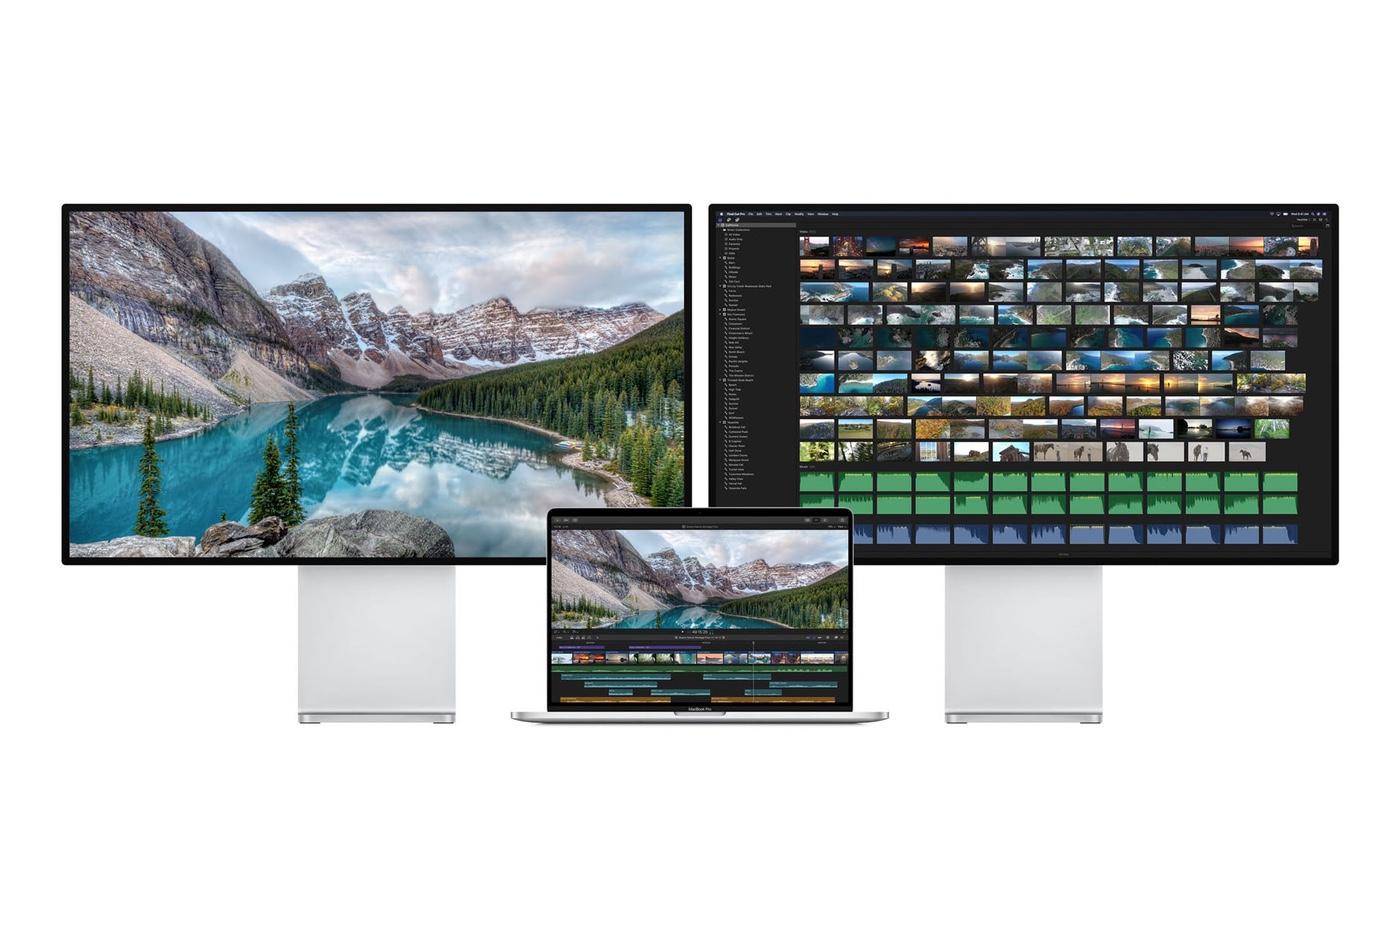 Le MacBook Pro 16 pouces supporte deux écrans externes 6K 1